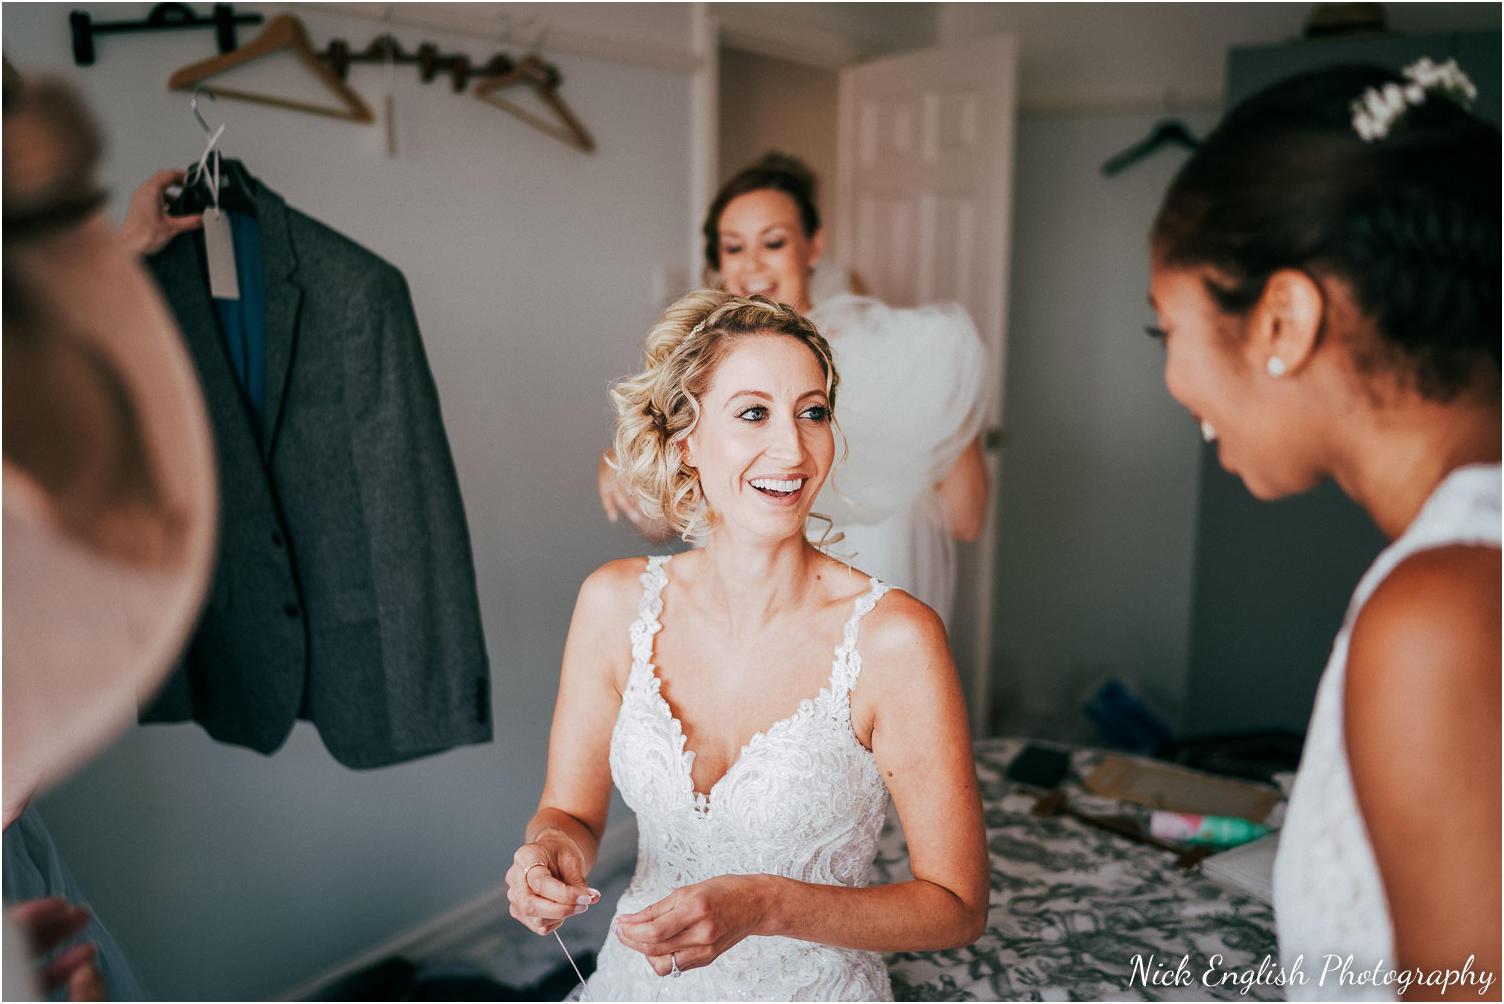 Browsholme_Hall_Tithe_Barn_Wedding_Photographer_Lancashire-12.jpg